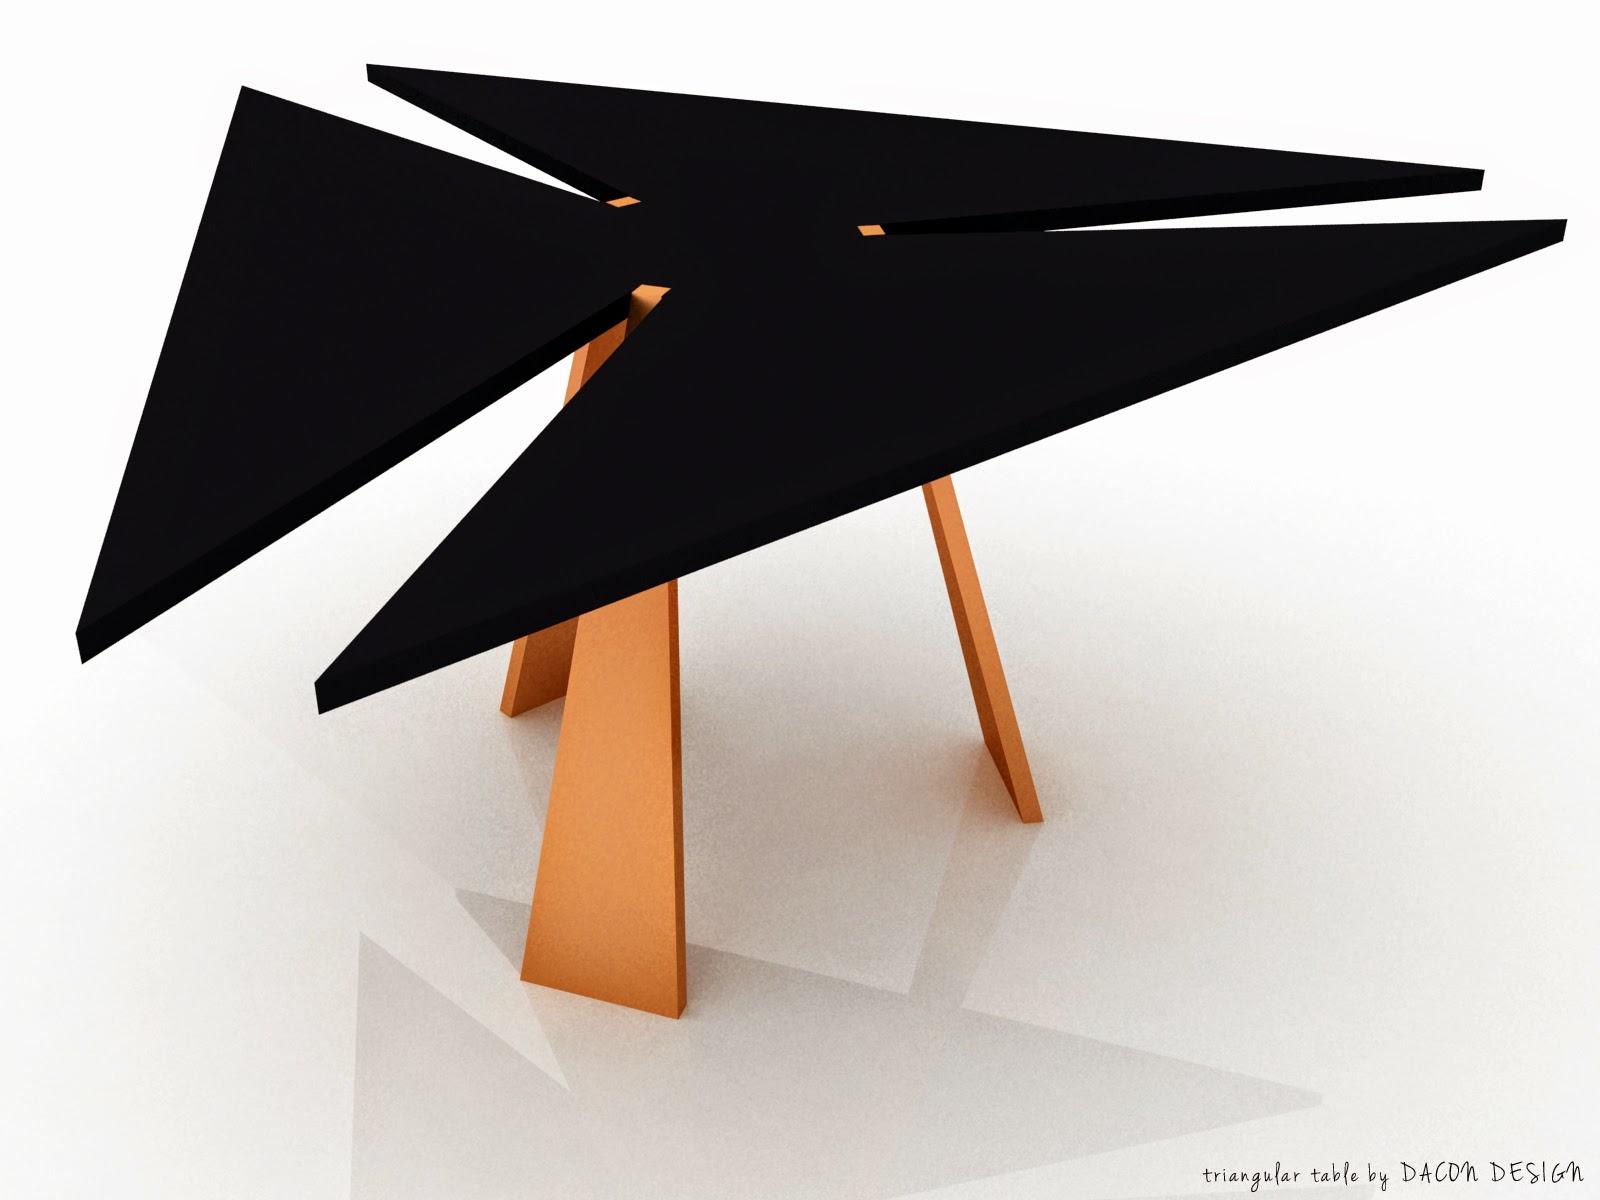 Trójkątny stół